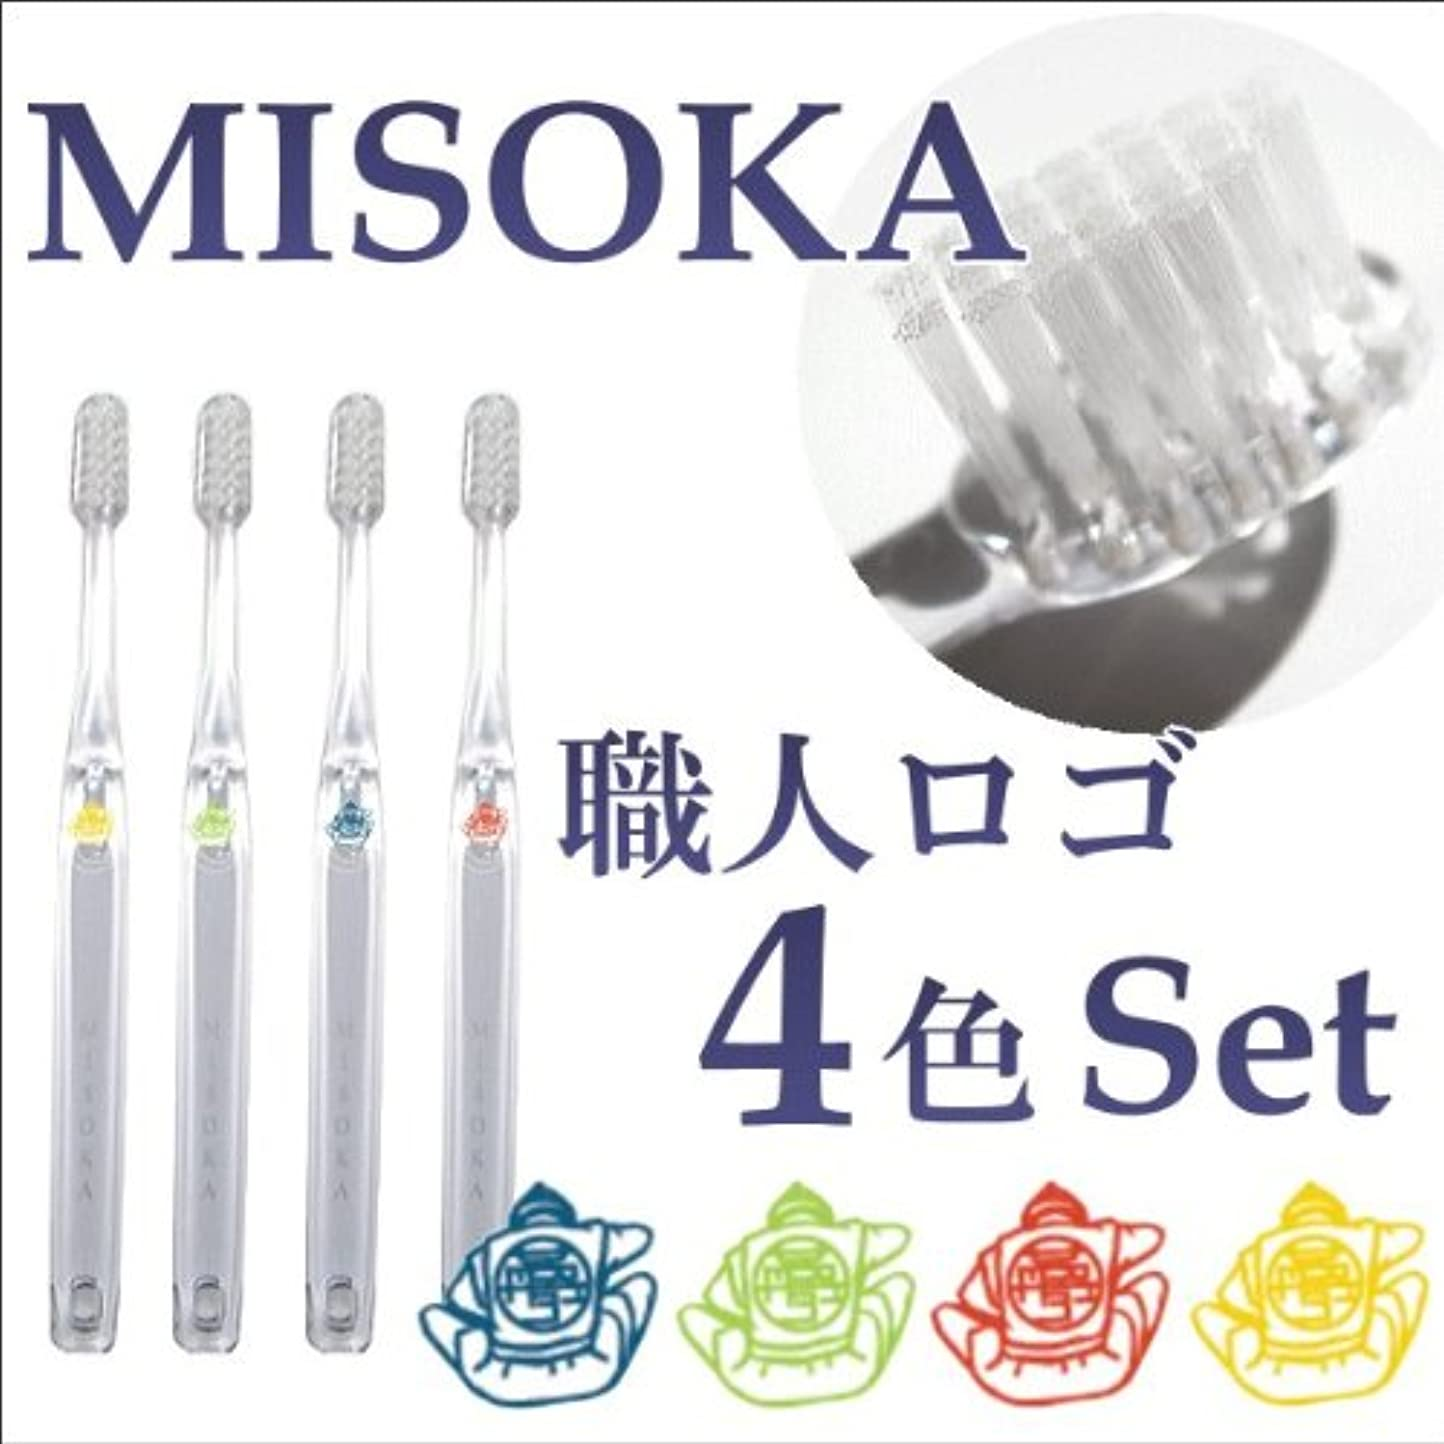 カウボーイスペース強化「MISOKA」職人技の歯ブラシ ミソカ 職人ロゴ4色セット×2セット